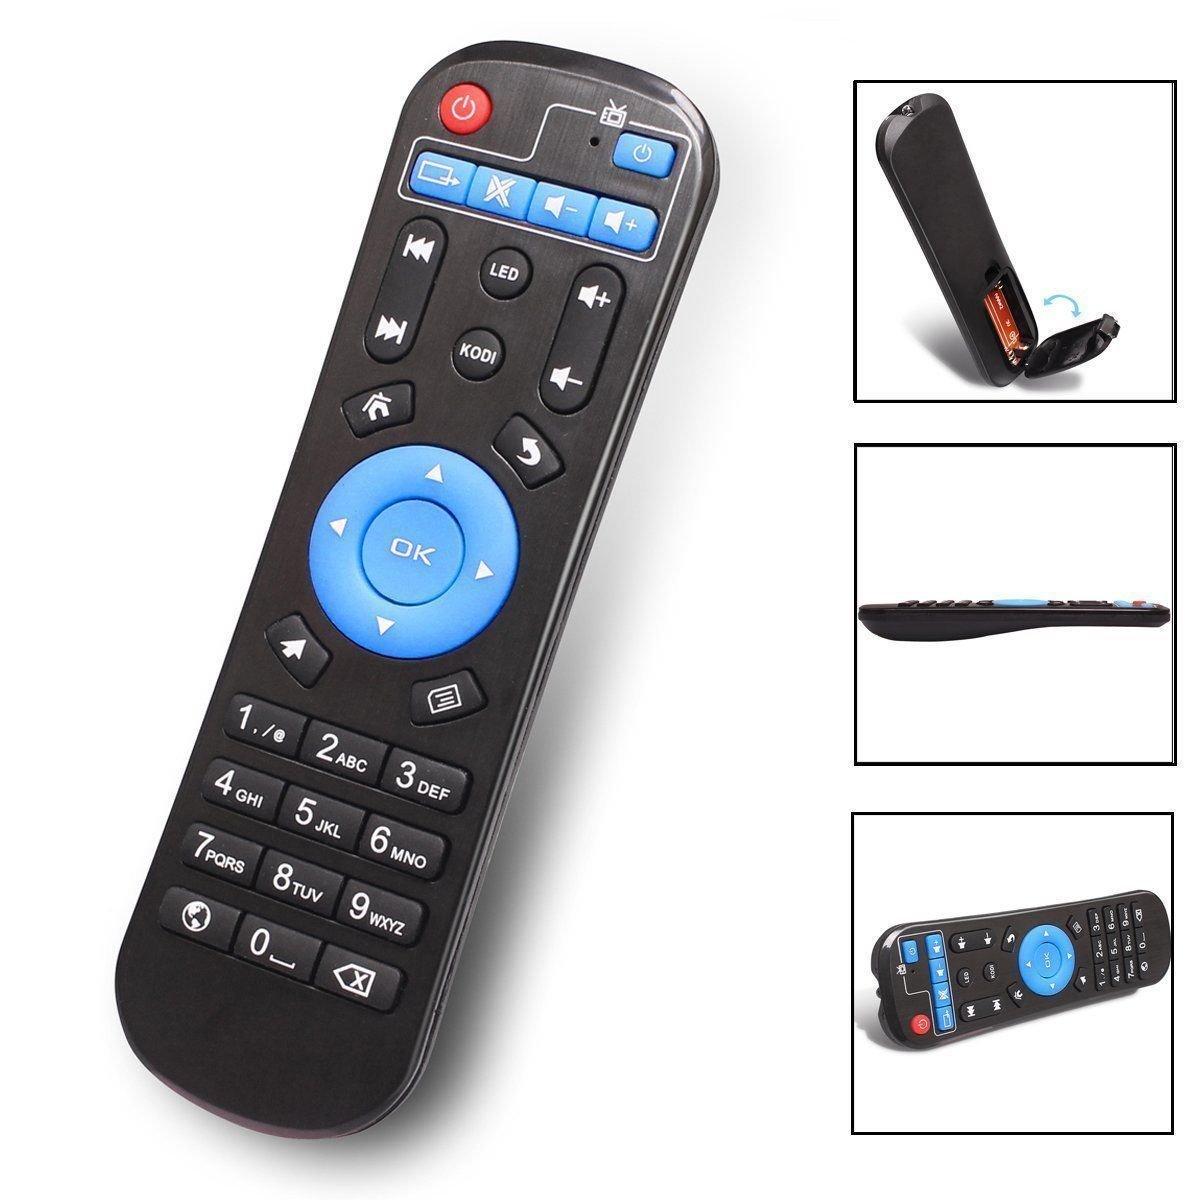 NiceTQ - Mando a Distancia de Repuesto para A95X Amlogic S905X Android Smart TV Box: Amazon.es: Electrónica